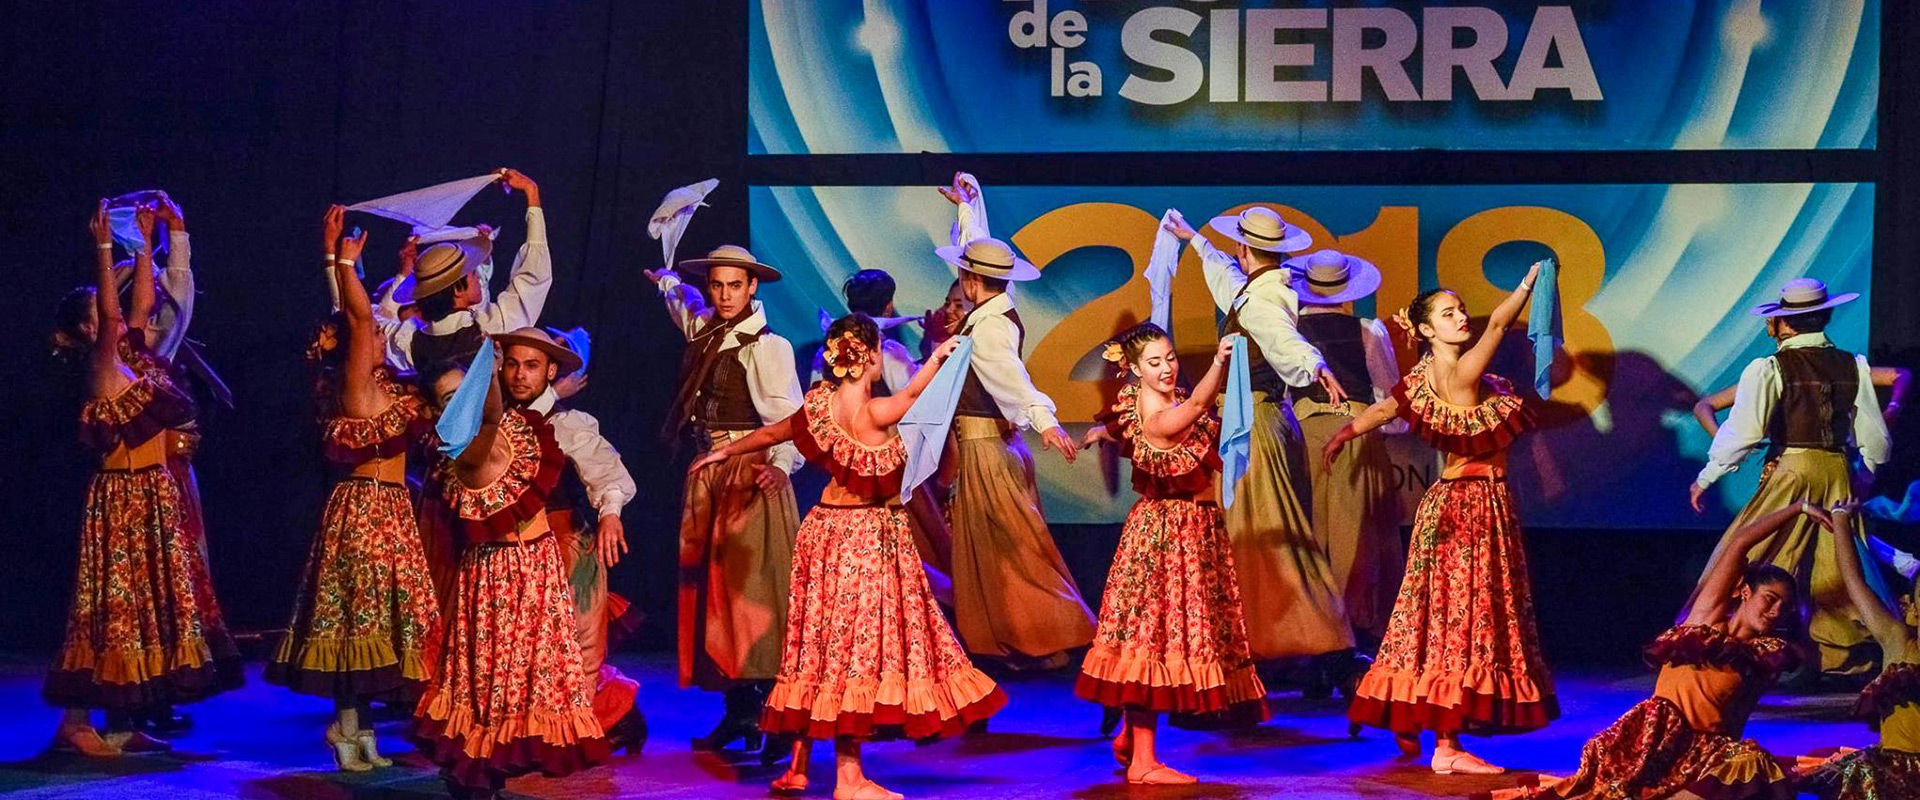 Ganadores 2019 - Festival de la Sierra